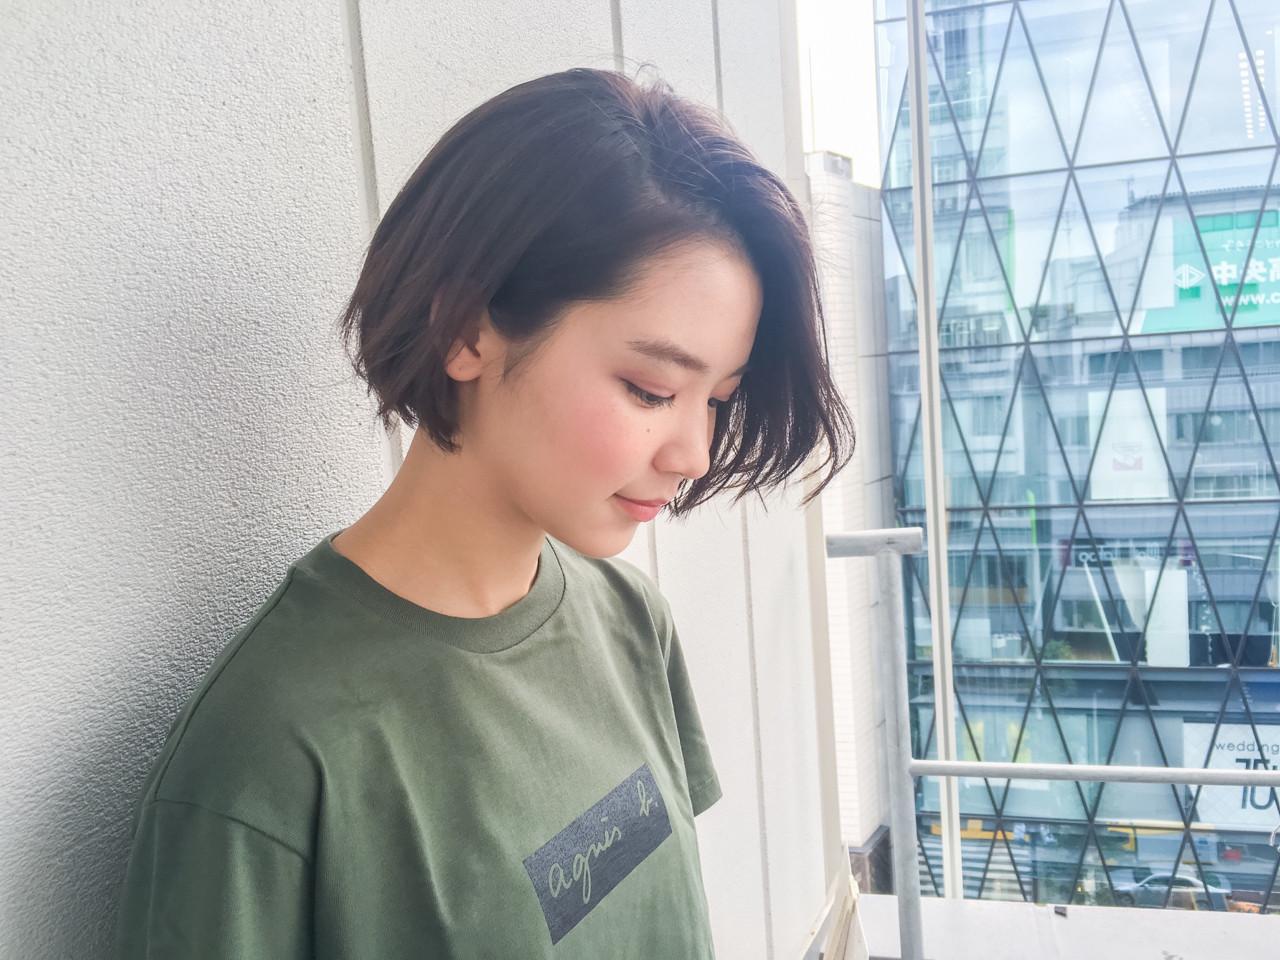 色気たっぷり♡丸顔輪郭隠しのふんわりワンレンボブ GARDEN harajuku 細田